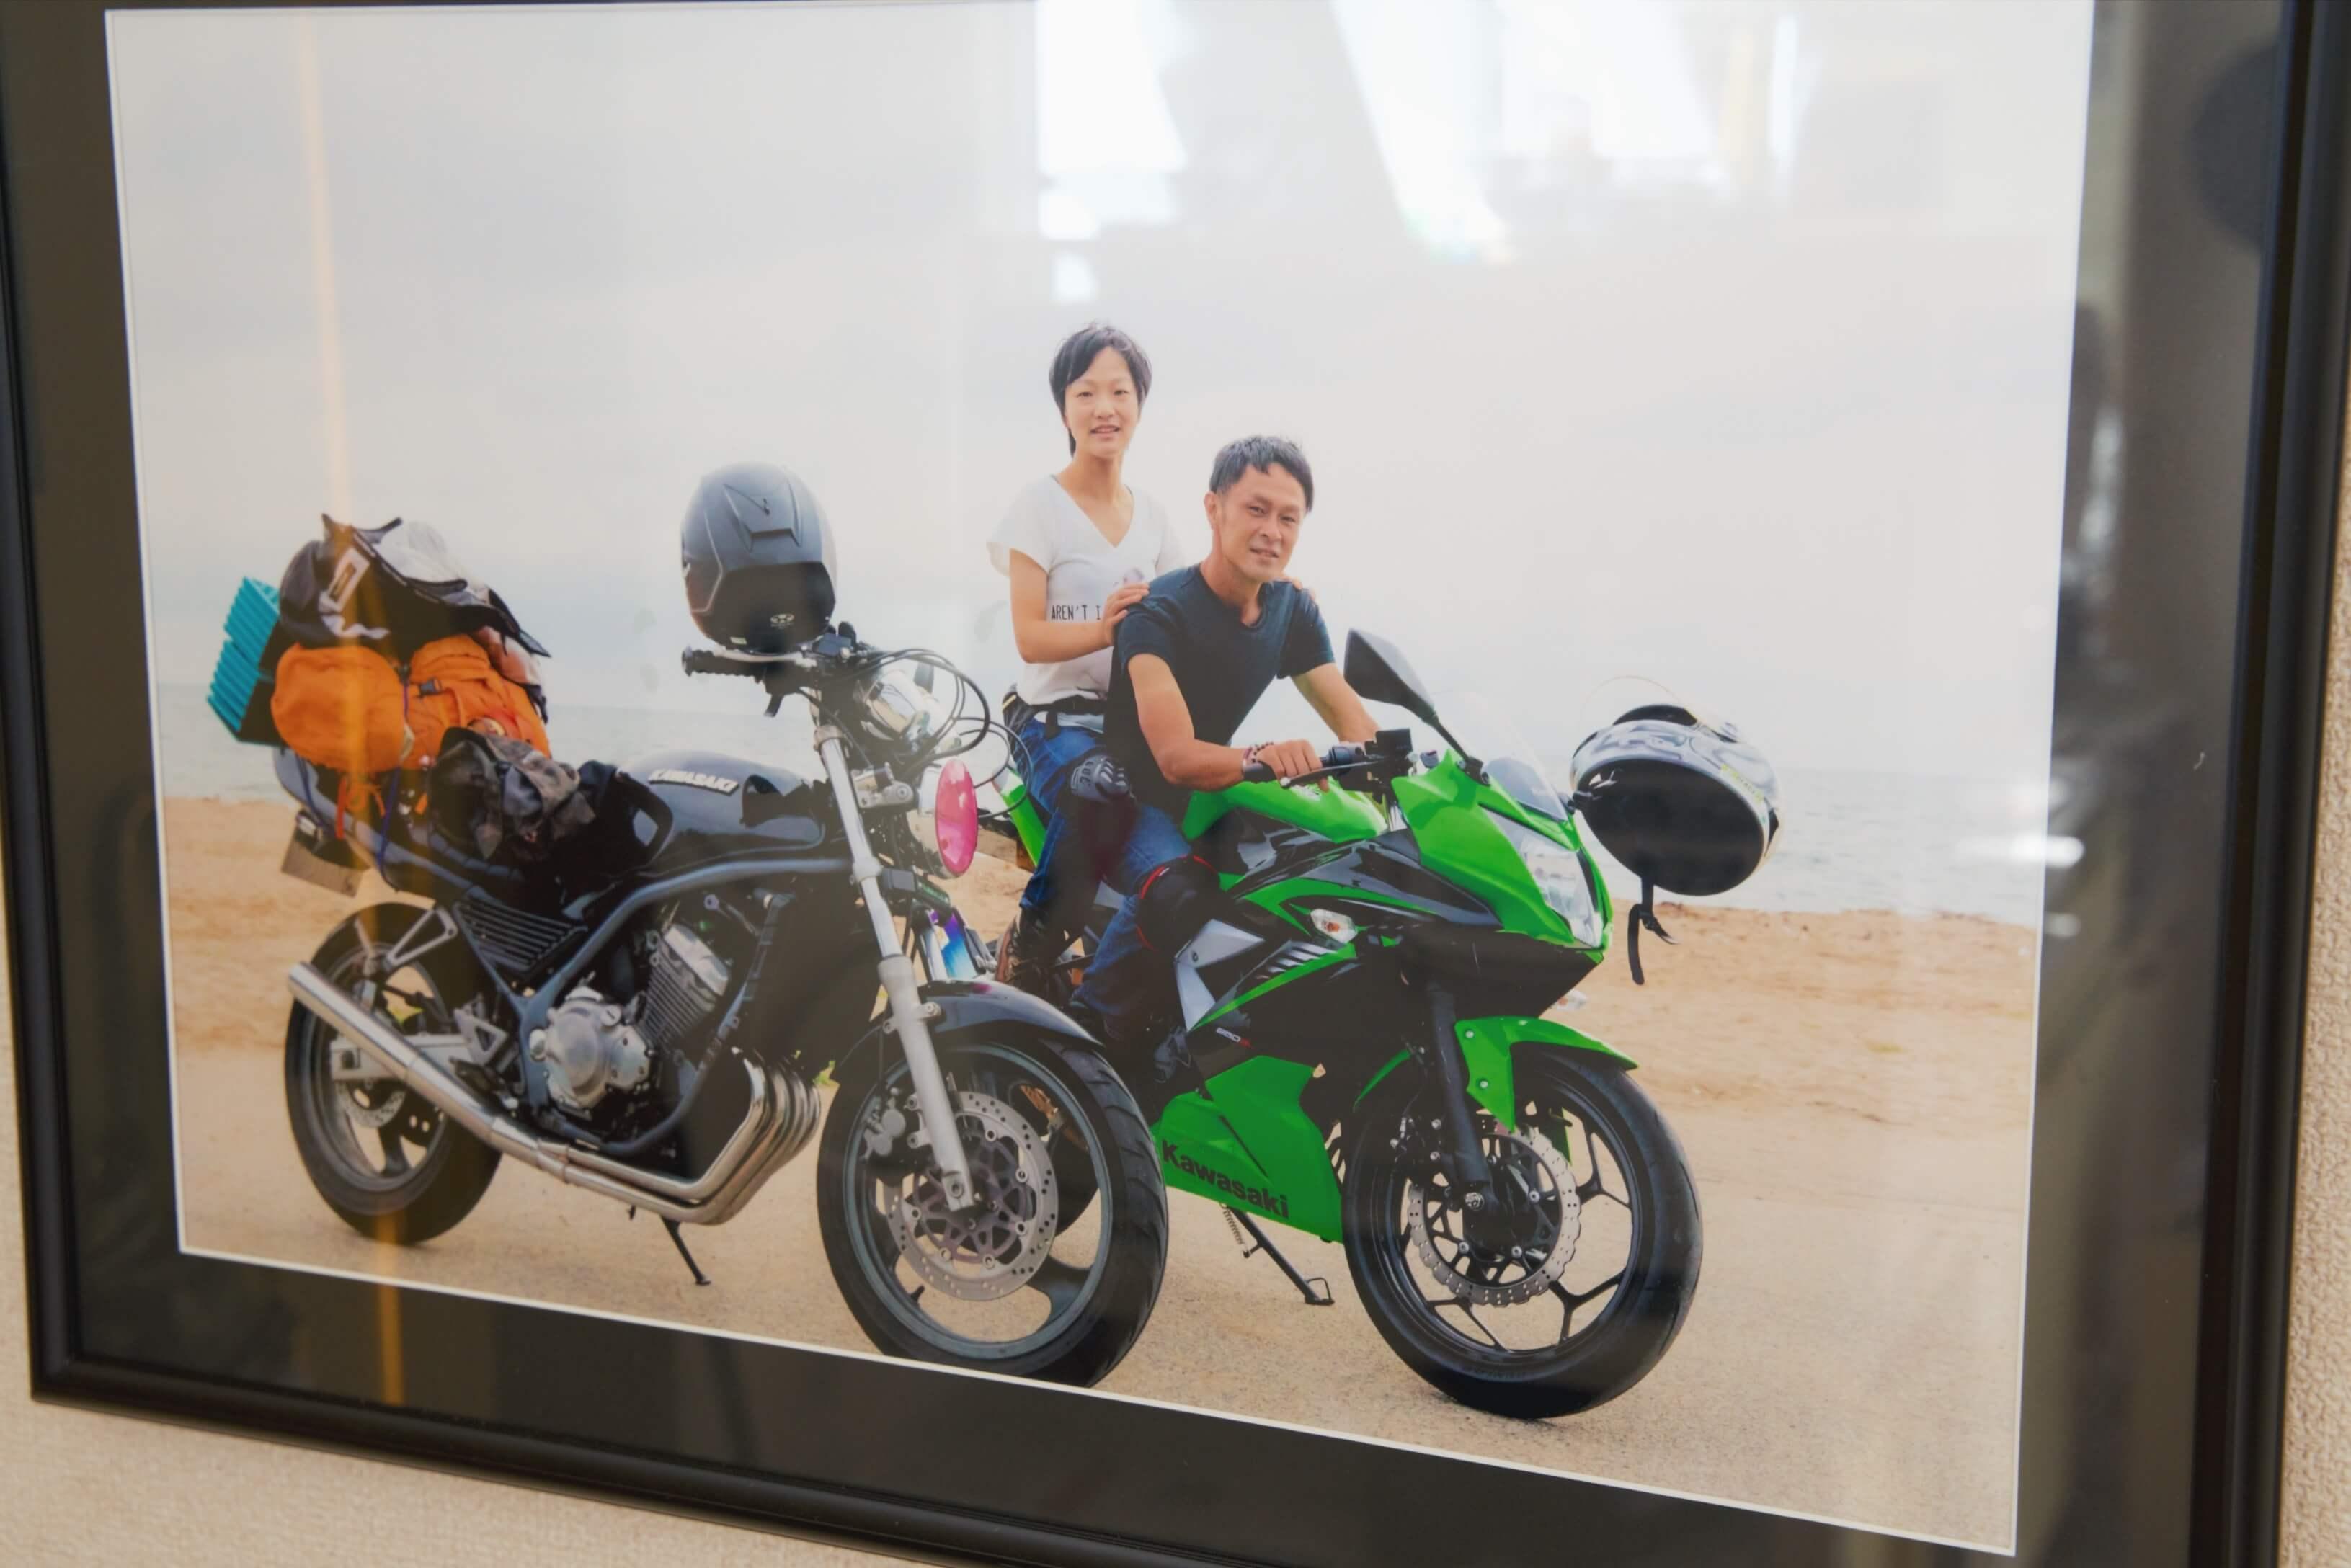 バイクと一緒に記念写真を撮っているお二人